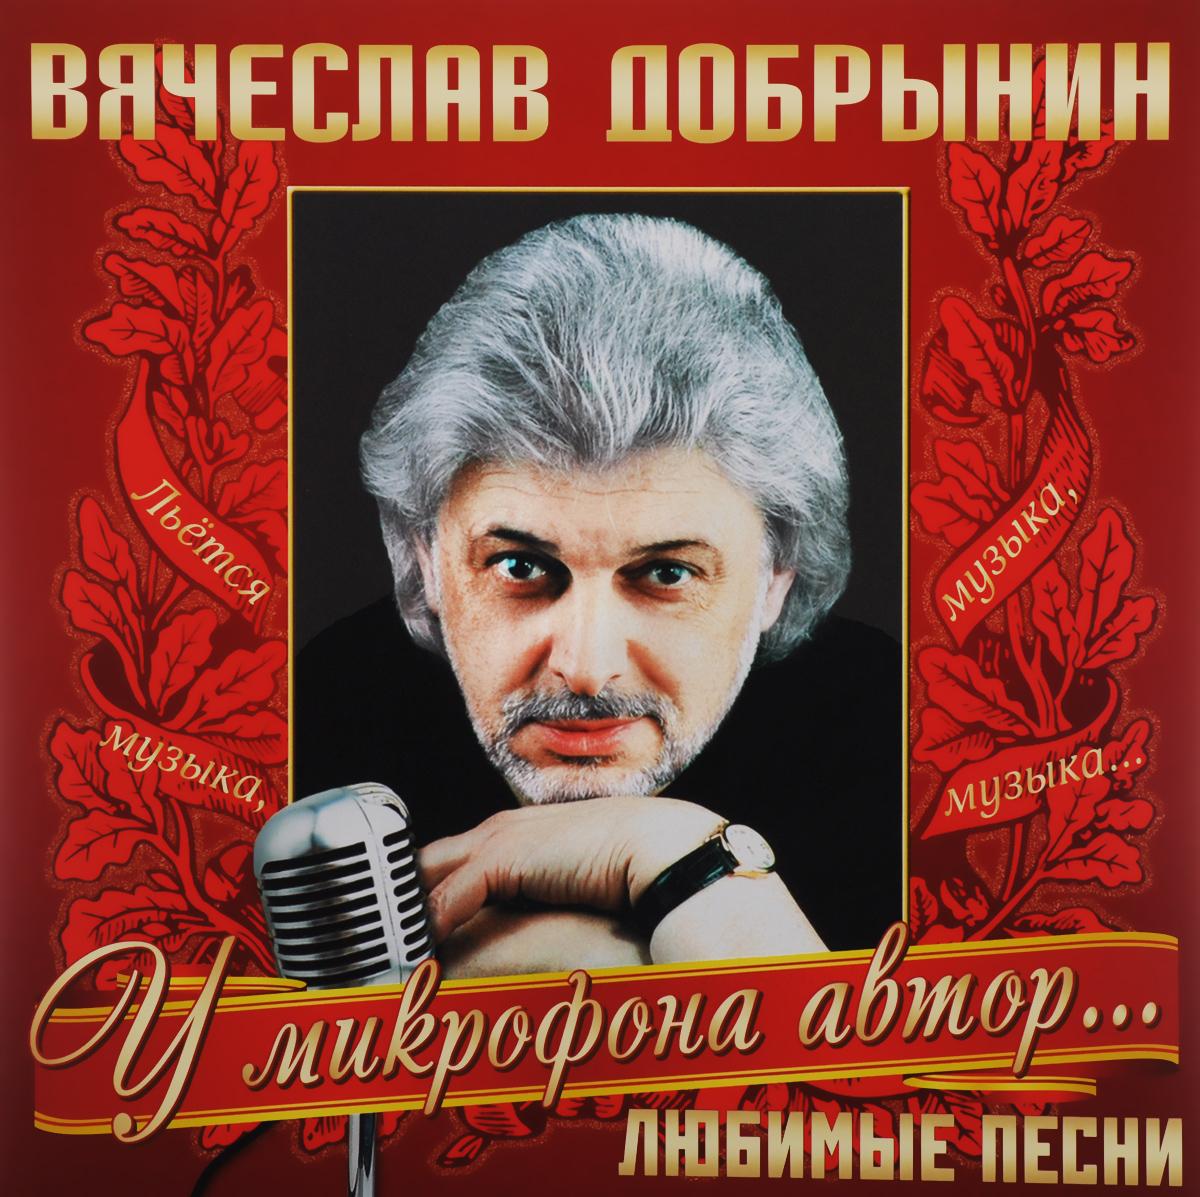 Вячеслав Добрынин Вячеслав Добрынин. Любимые песни (LP)